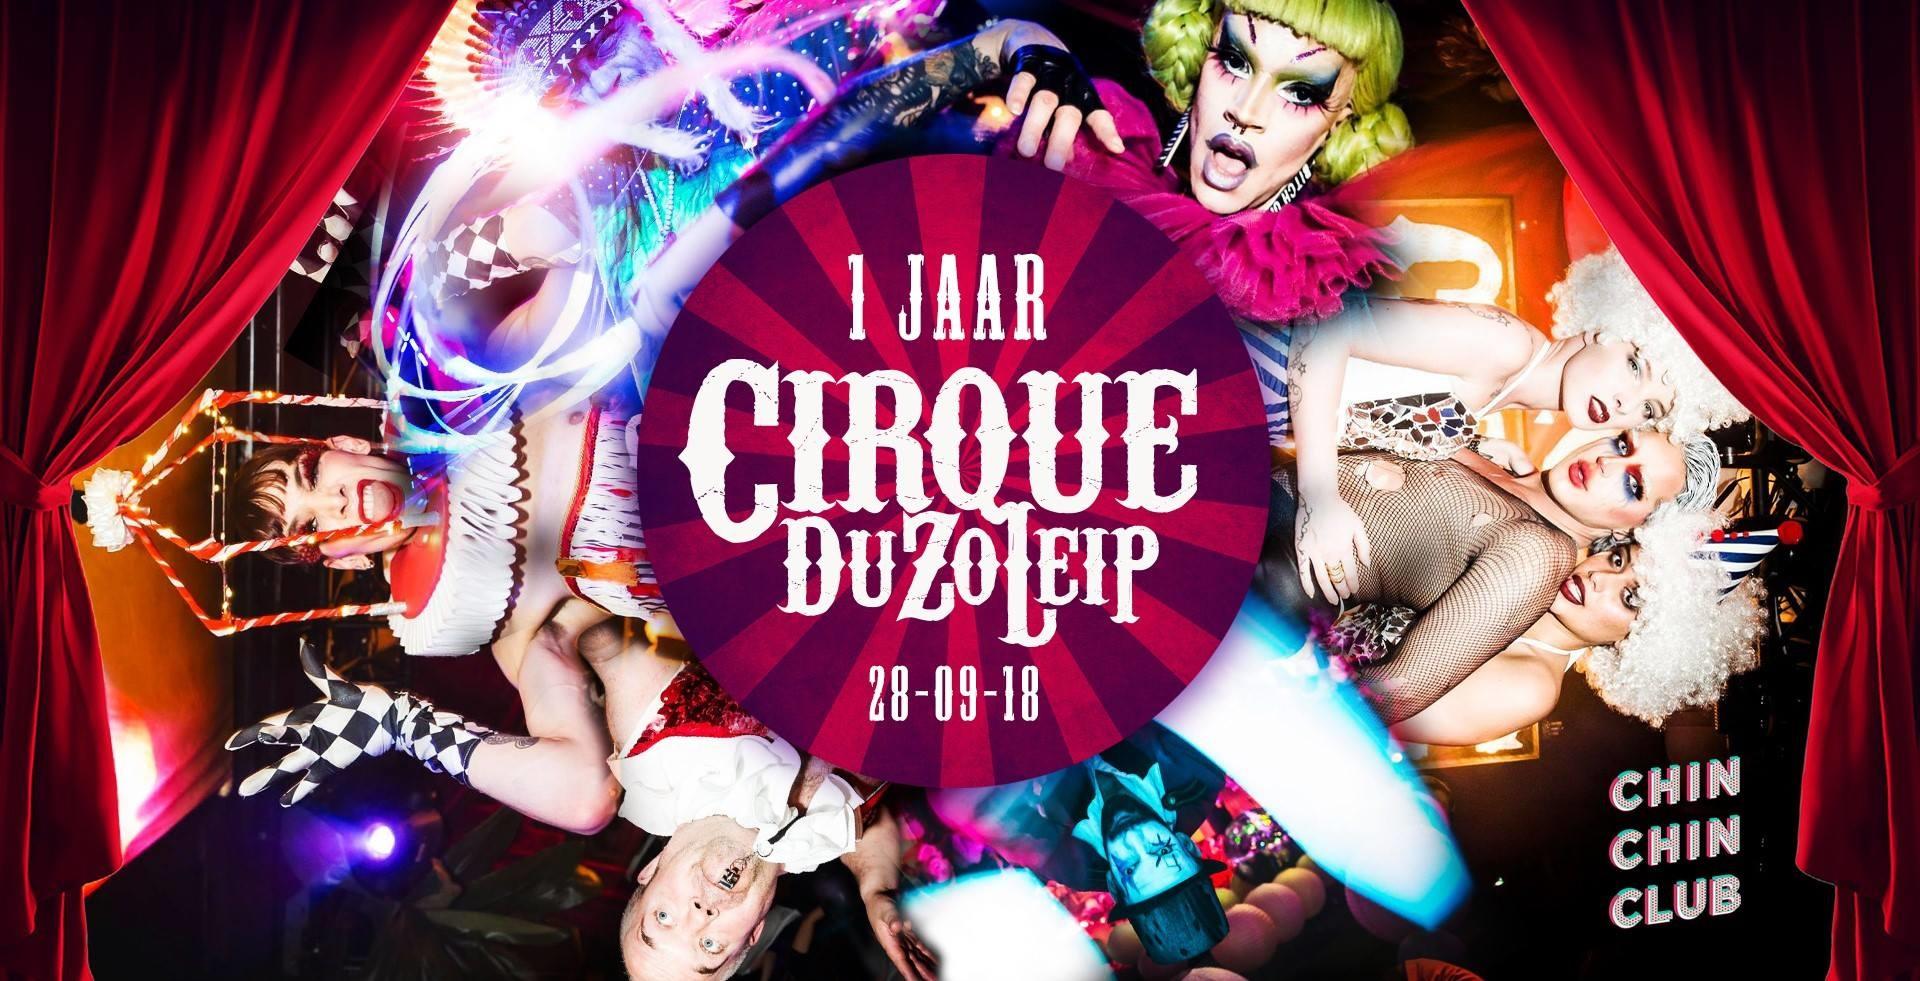 jarig op 28 september Cirque Du Zo Leip · 1 Jarig Bestaan · 28 september 2018, Chin Chin  jarig op 28 september